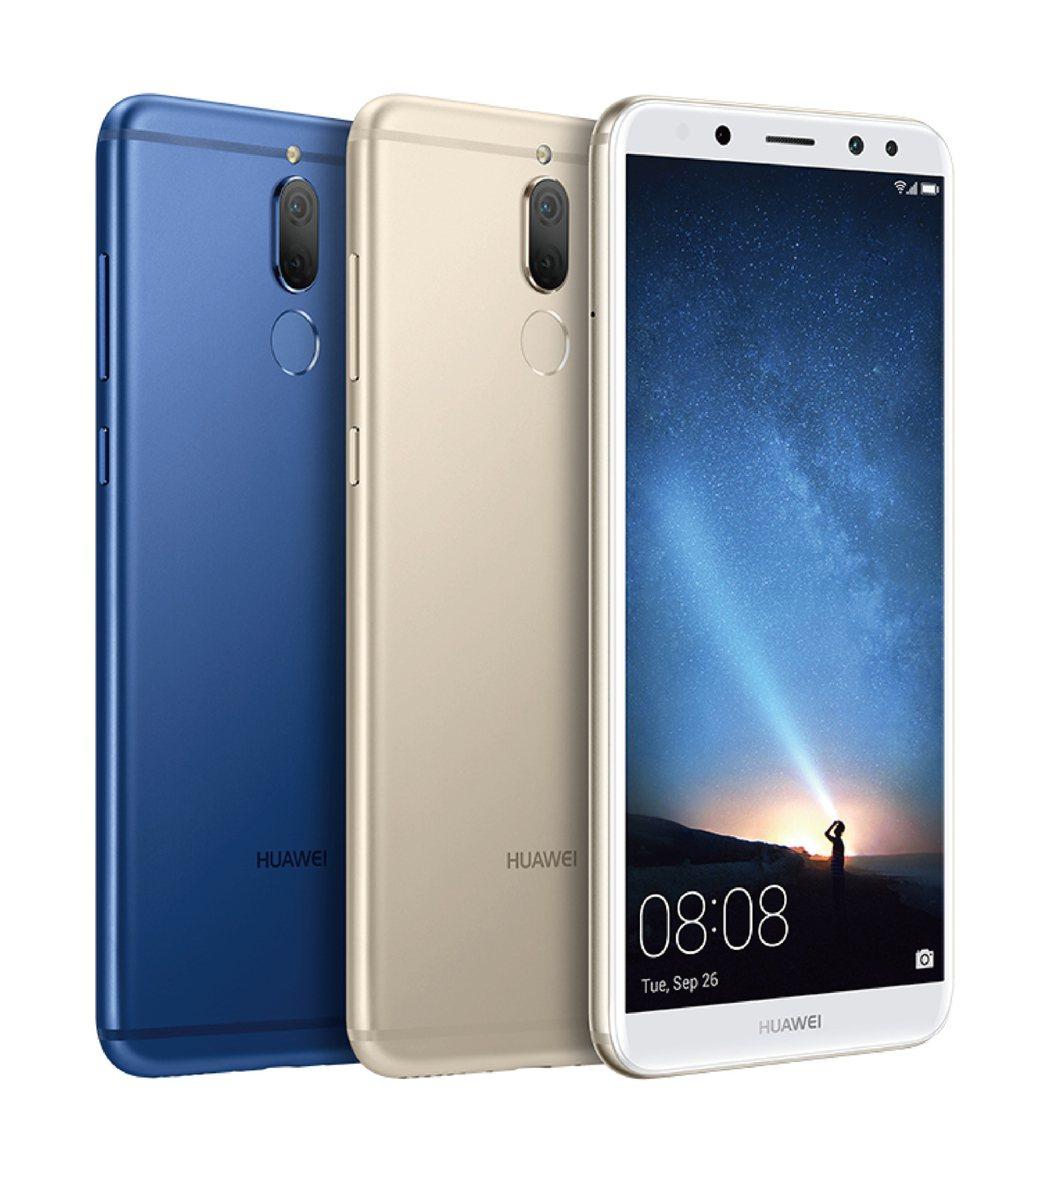 HUAWEI nova 2i網美姬共推出流光金、極光藍兩色,單機價9,900元。...